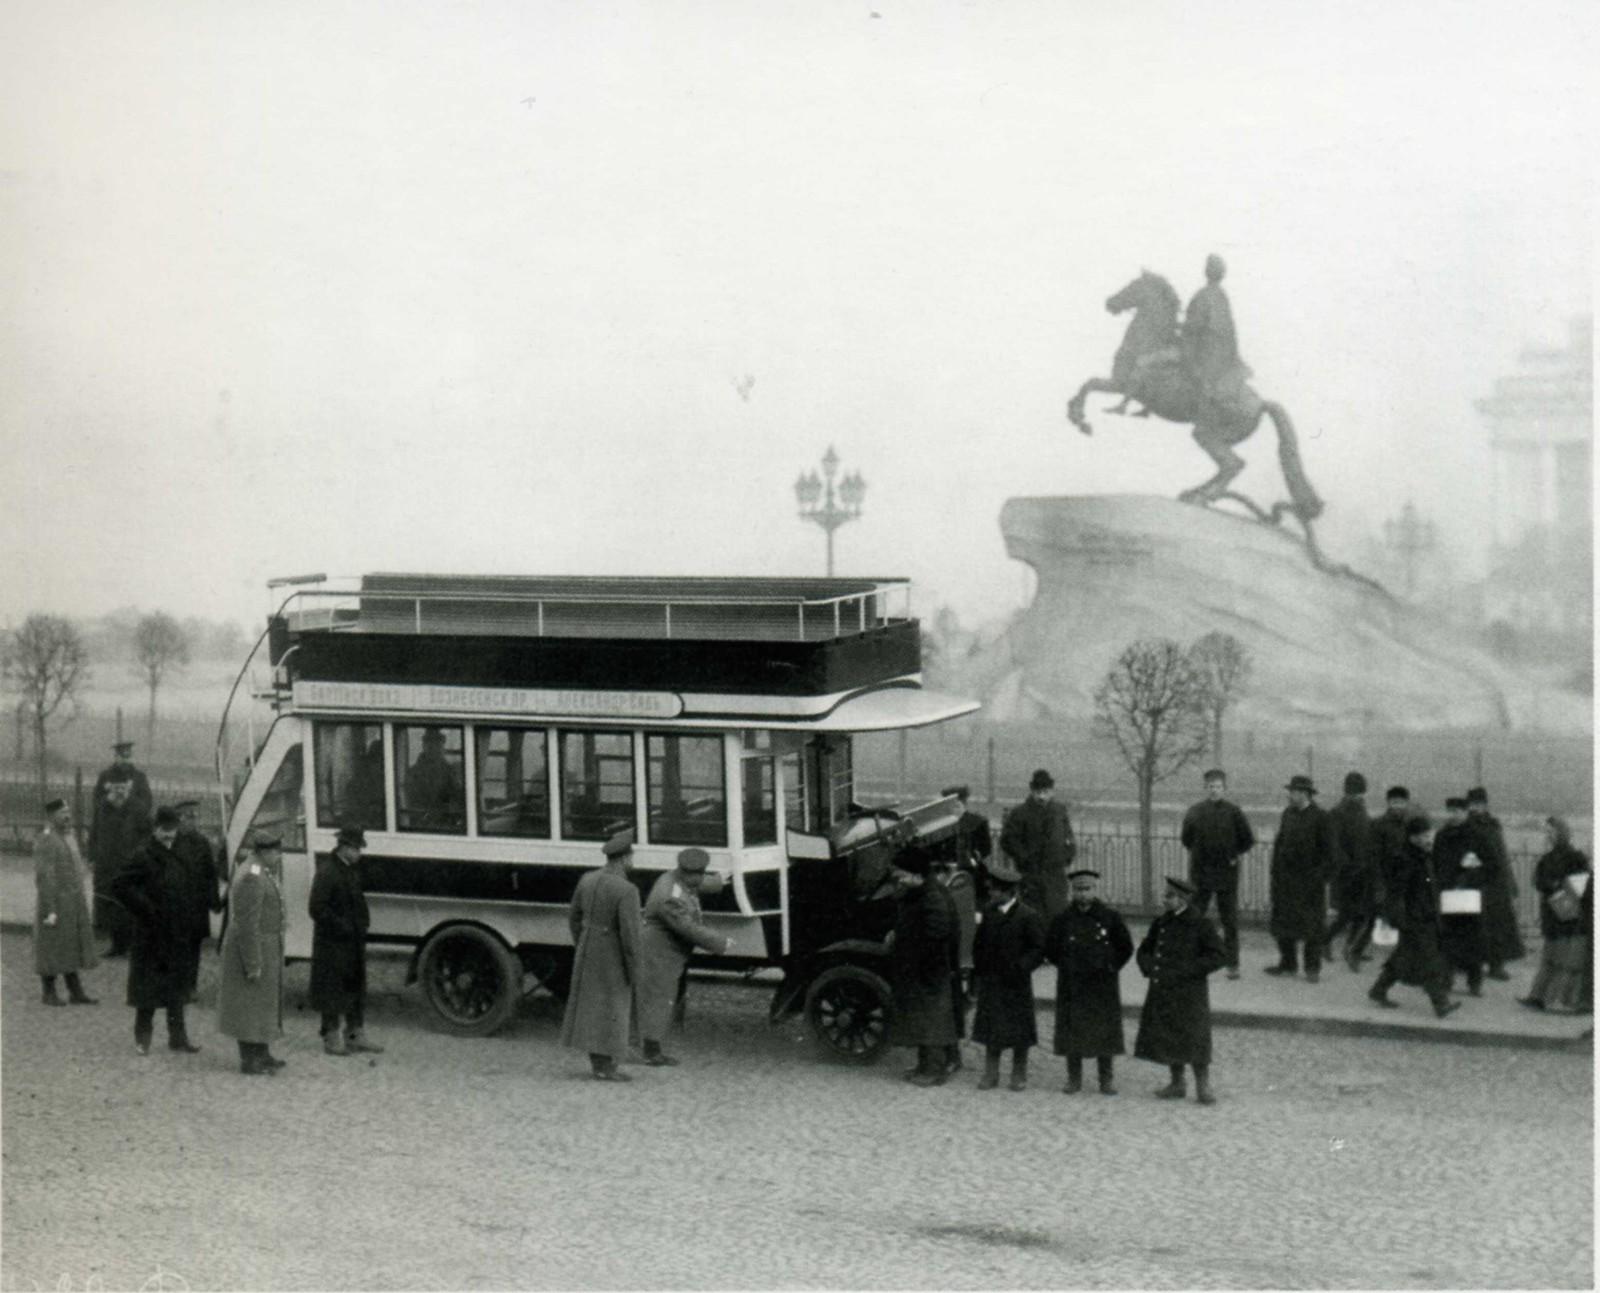 1907. Остановка автомобильного омнибуса (автобуса) на площади императора Петра I